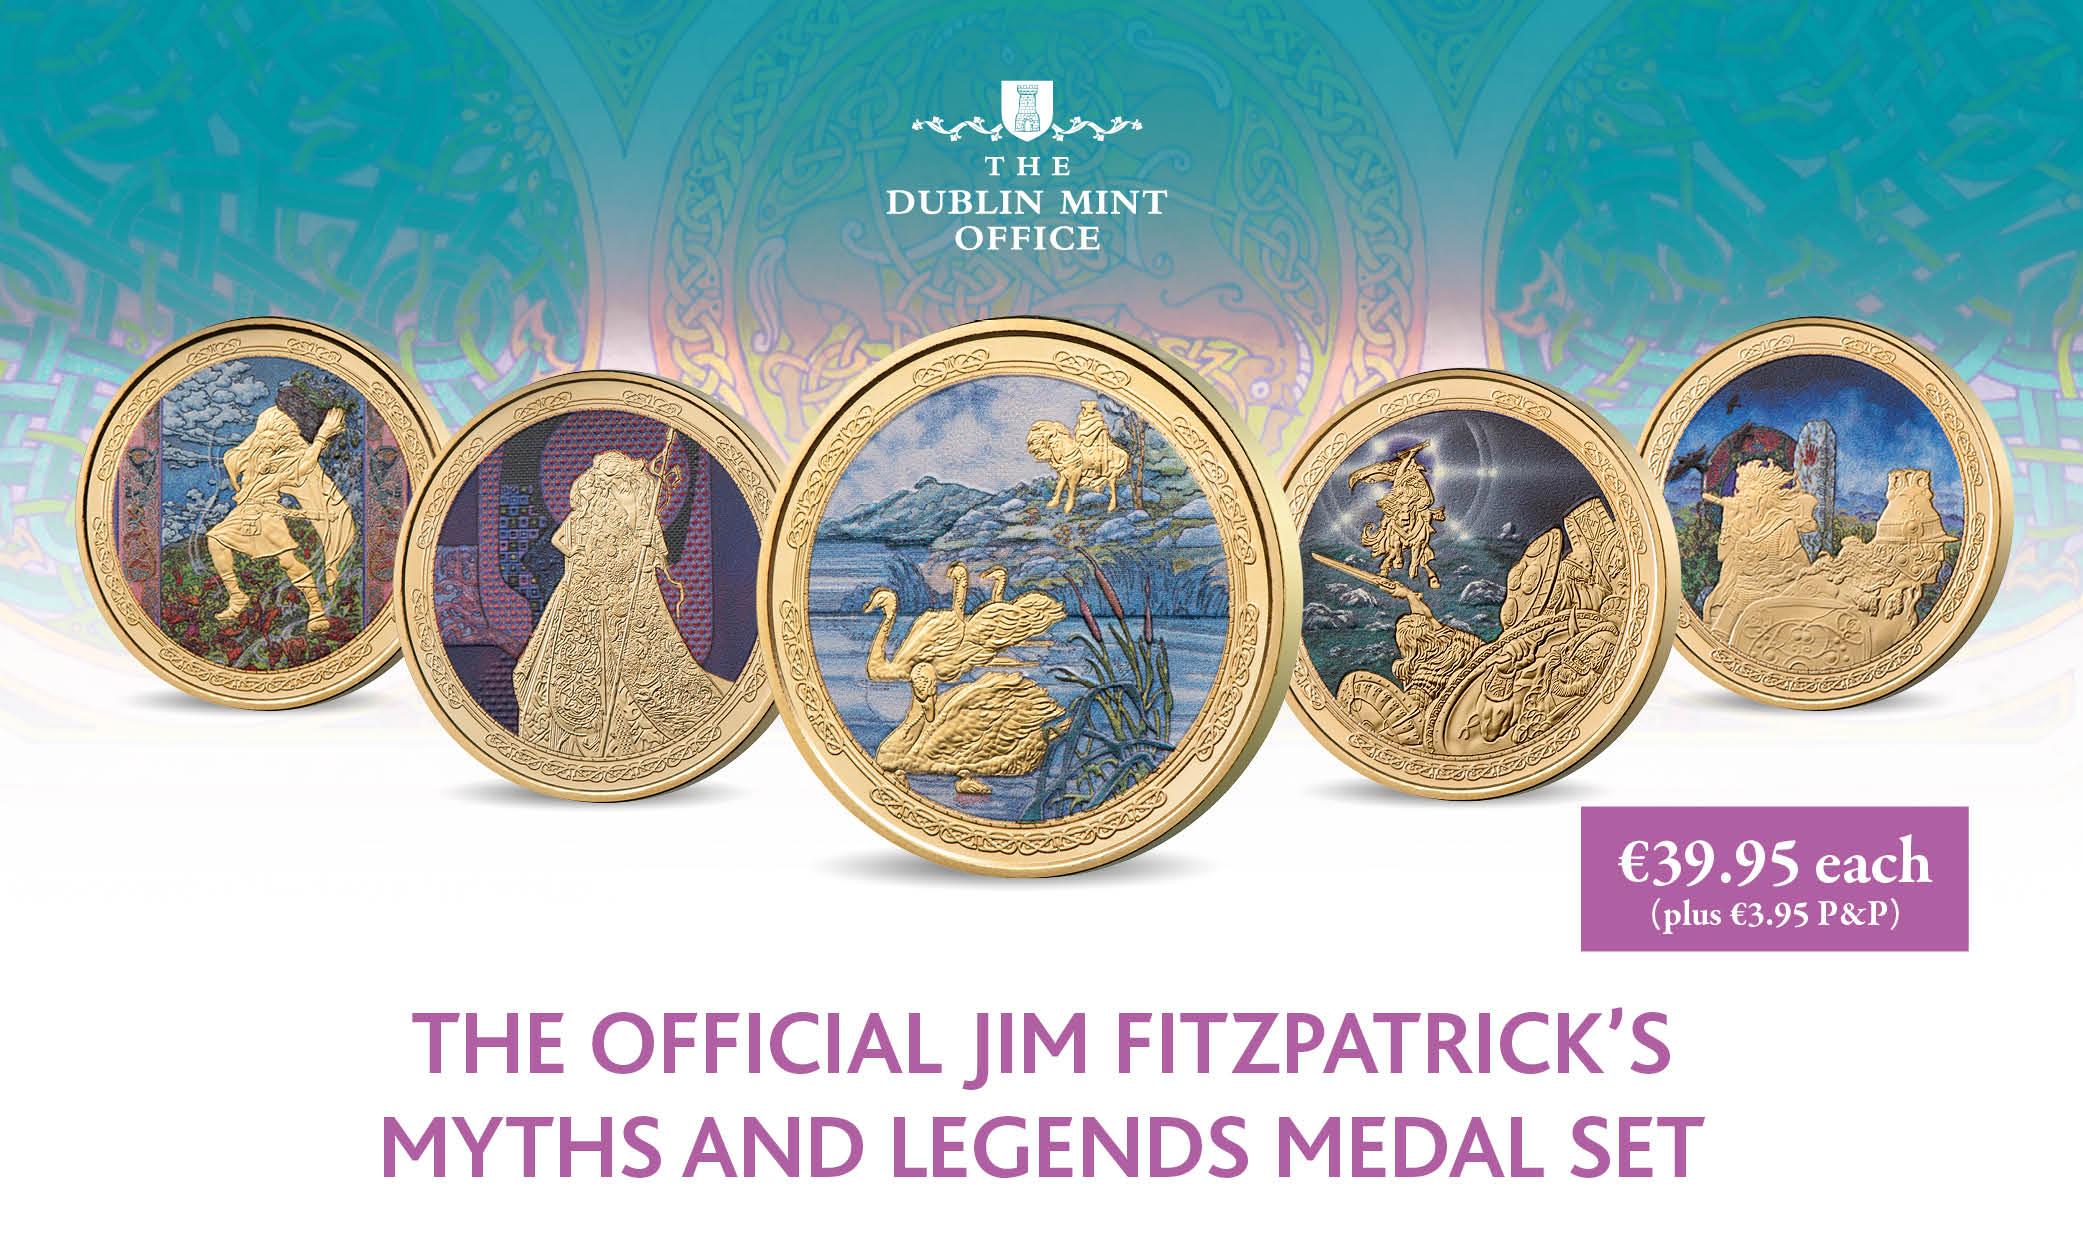 Myths and Legends Medal Set